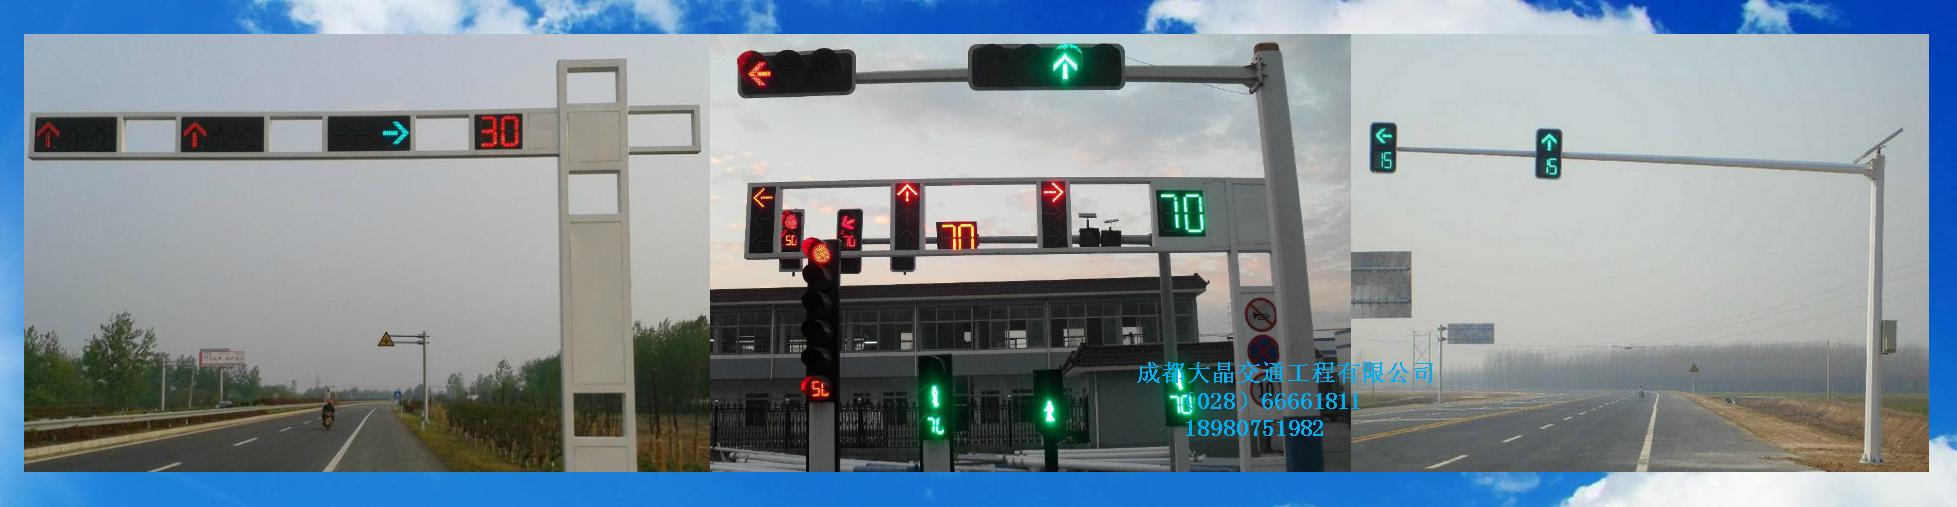 交通设施广角镜图片